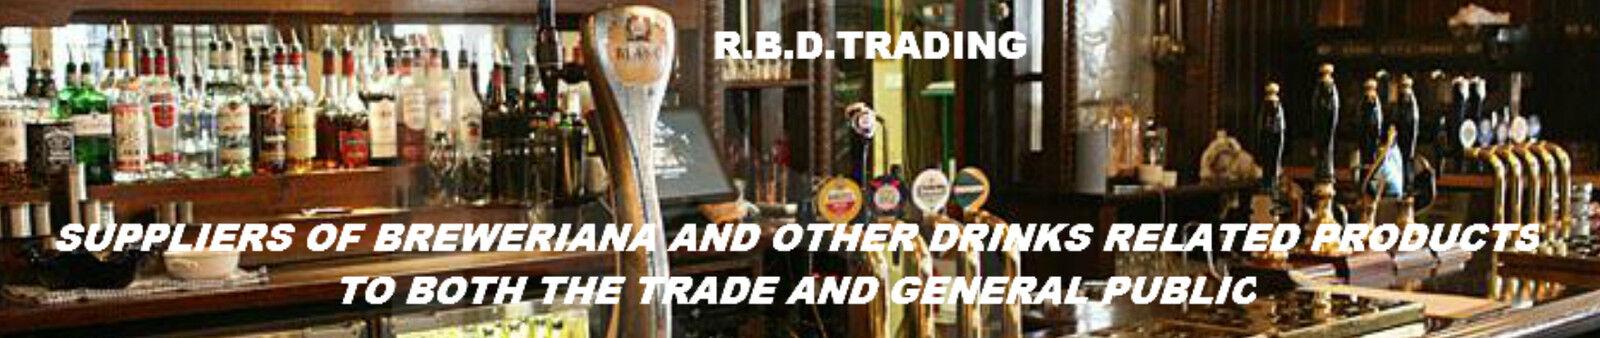 R.B.D.TRADING